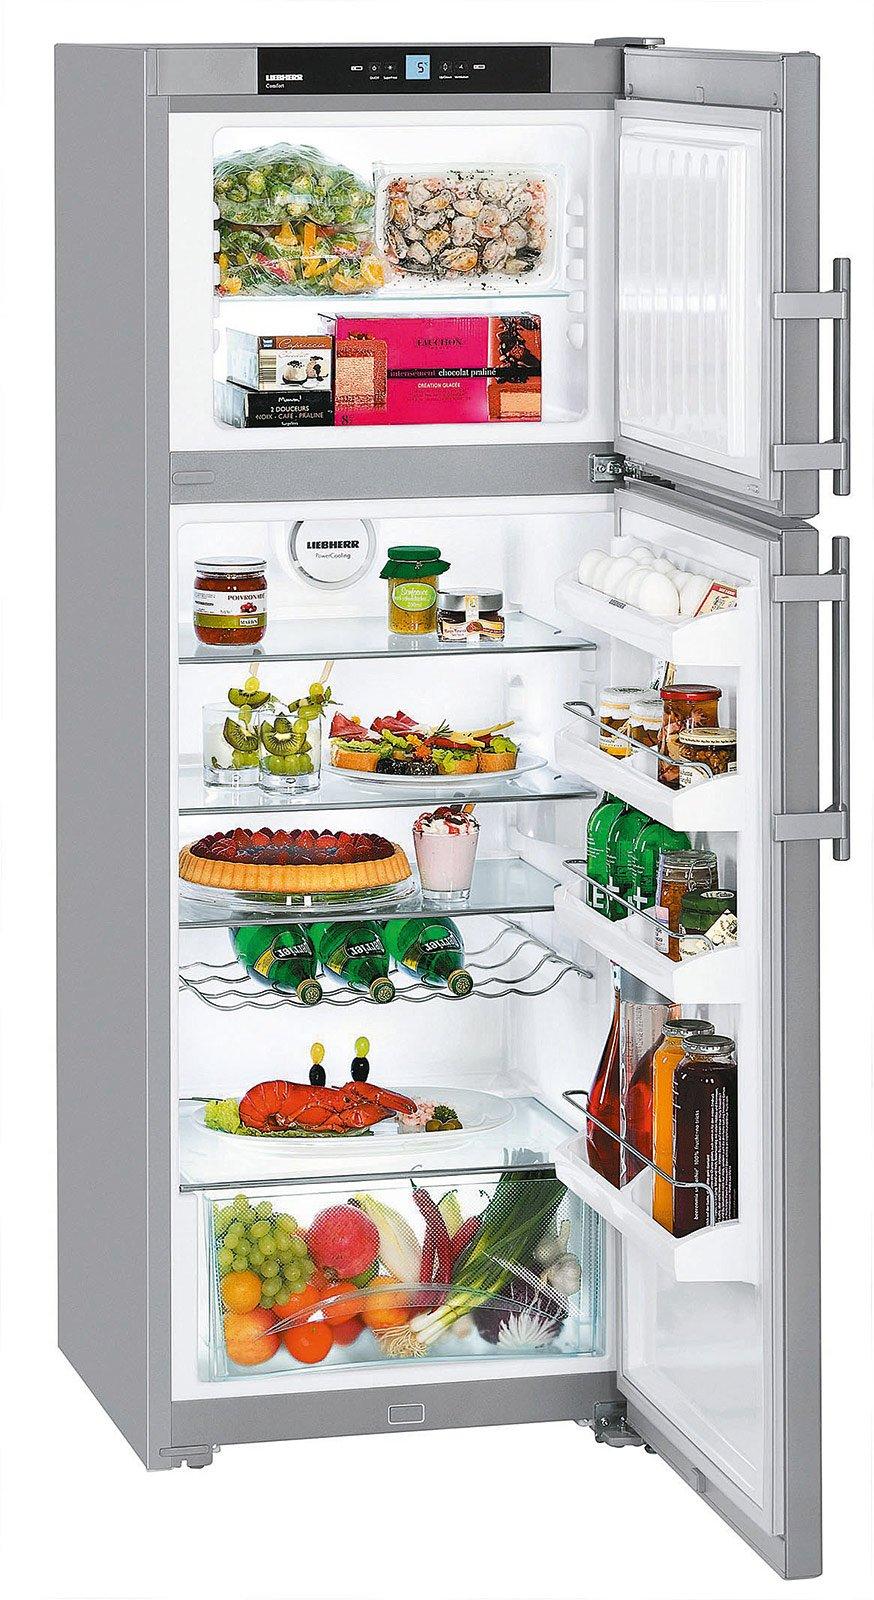 Frigorifero e congelatore in poco spazio cose di casa - Congelatore piccole dimensioni ...